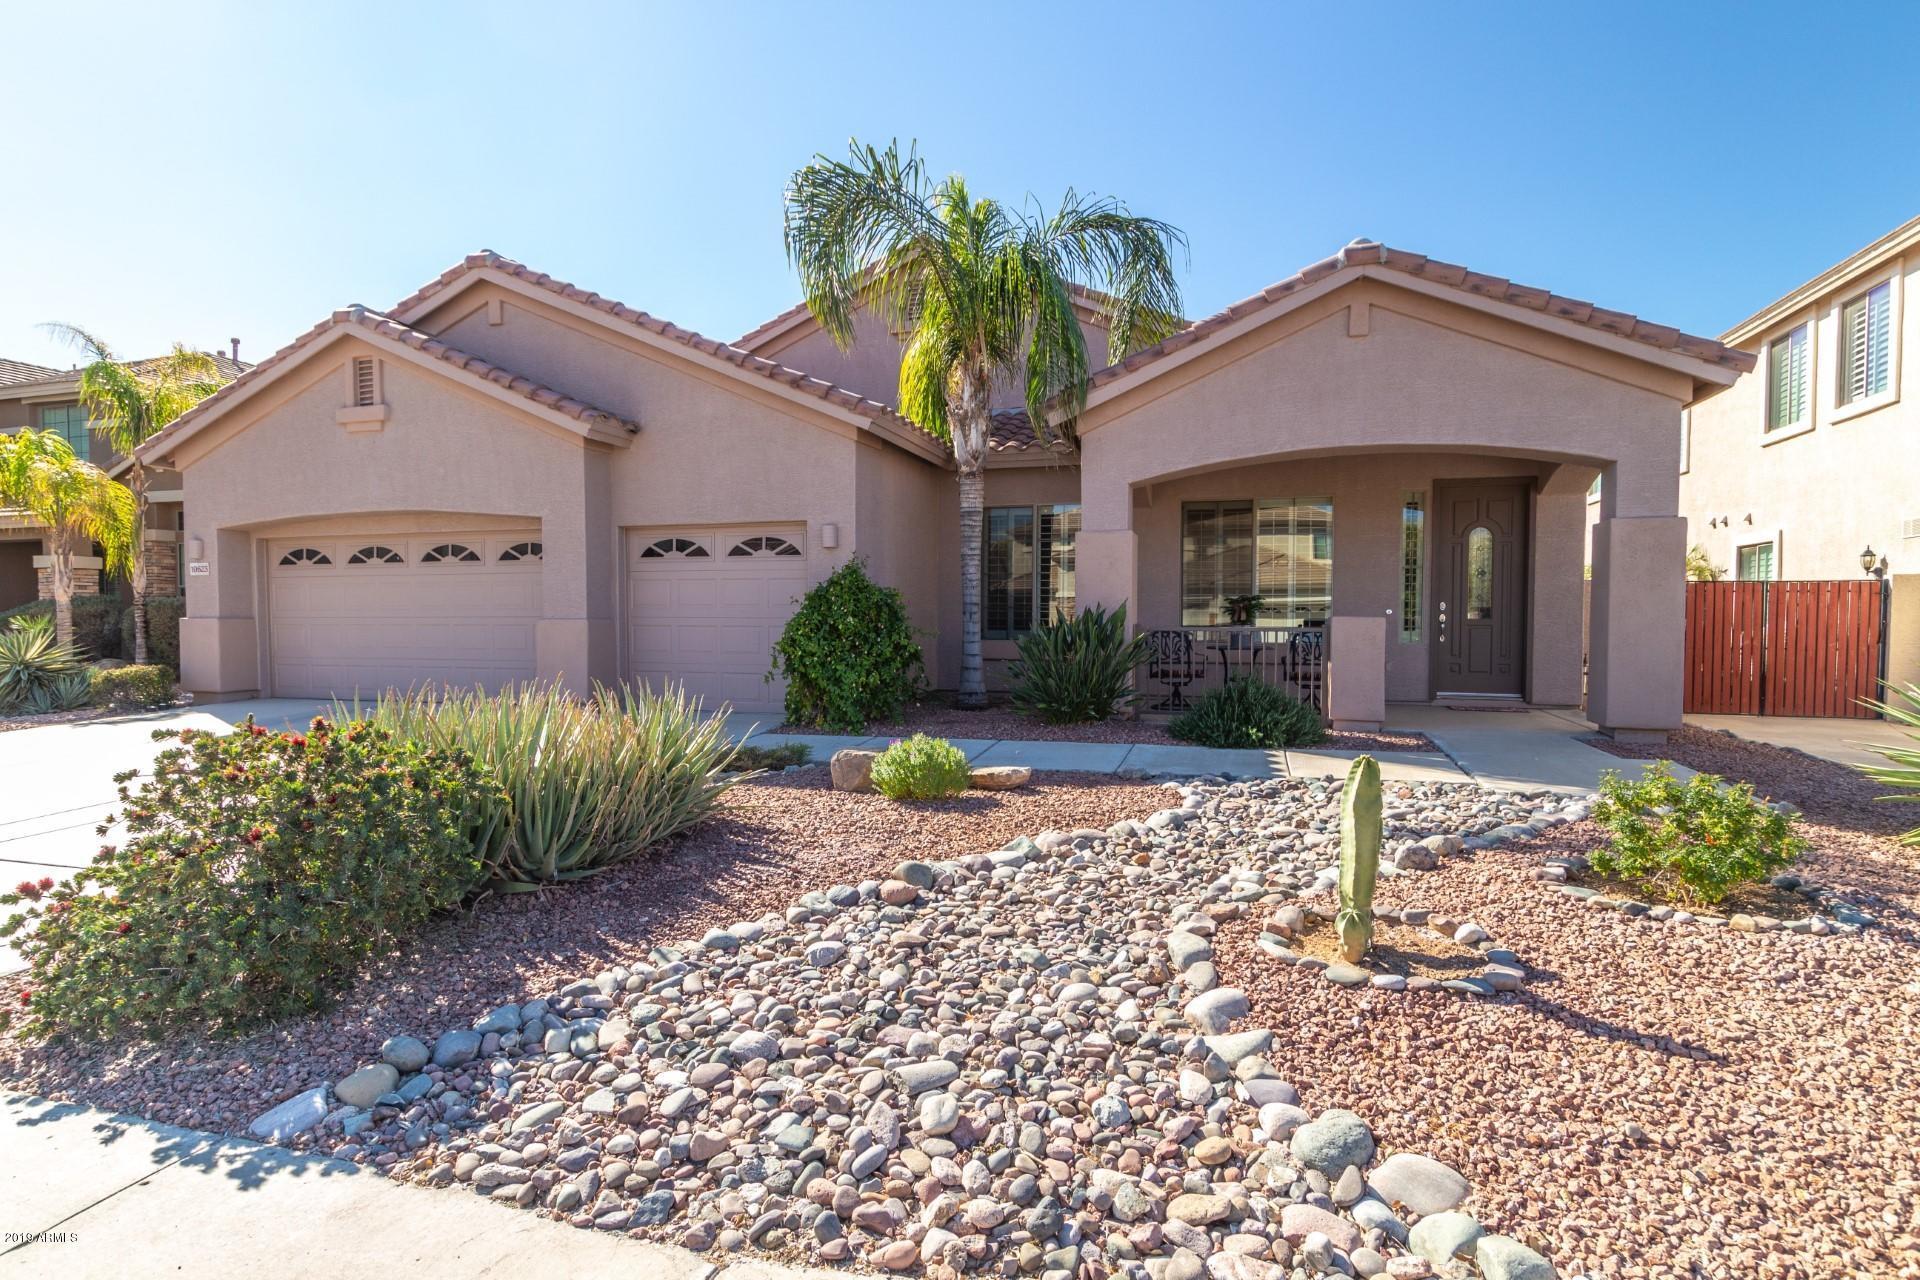 Photo of 10623 E KILAREA Avenue, Mesa, AZ 85209